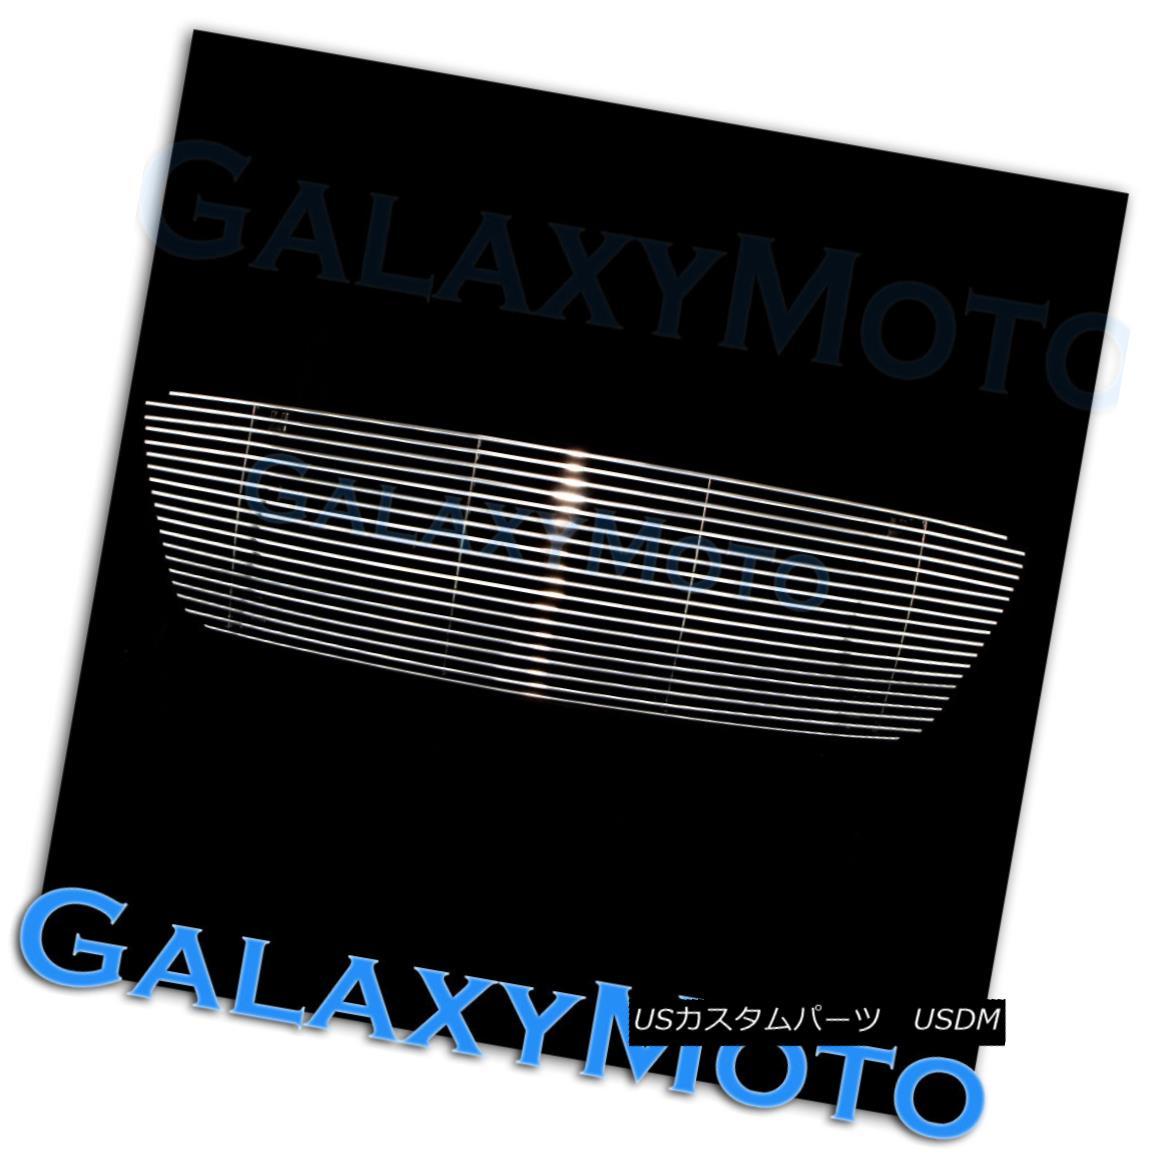 グリル 04-08 Ford F150 Honeycomb Style Aluminum Chrome Billet Grille Overlay No LOGO 04-08 Ford F150ハニカムスタイルアルミクロムビレットグリルオーバーレイロゴなし